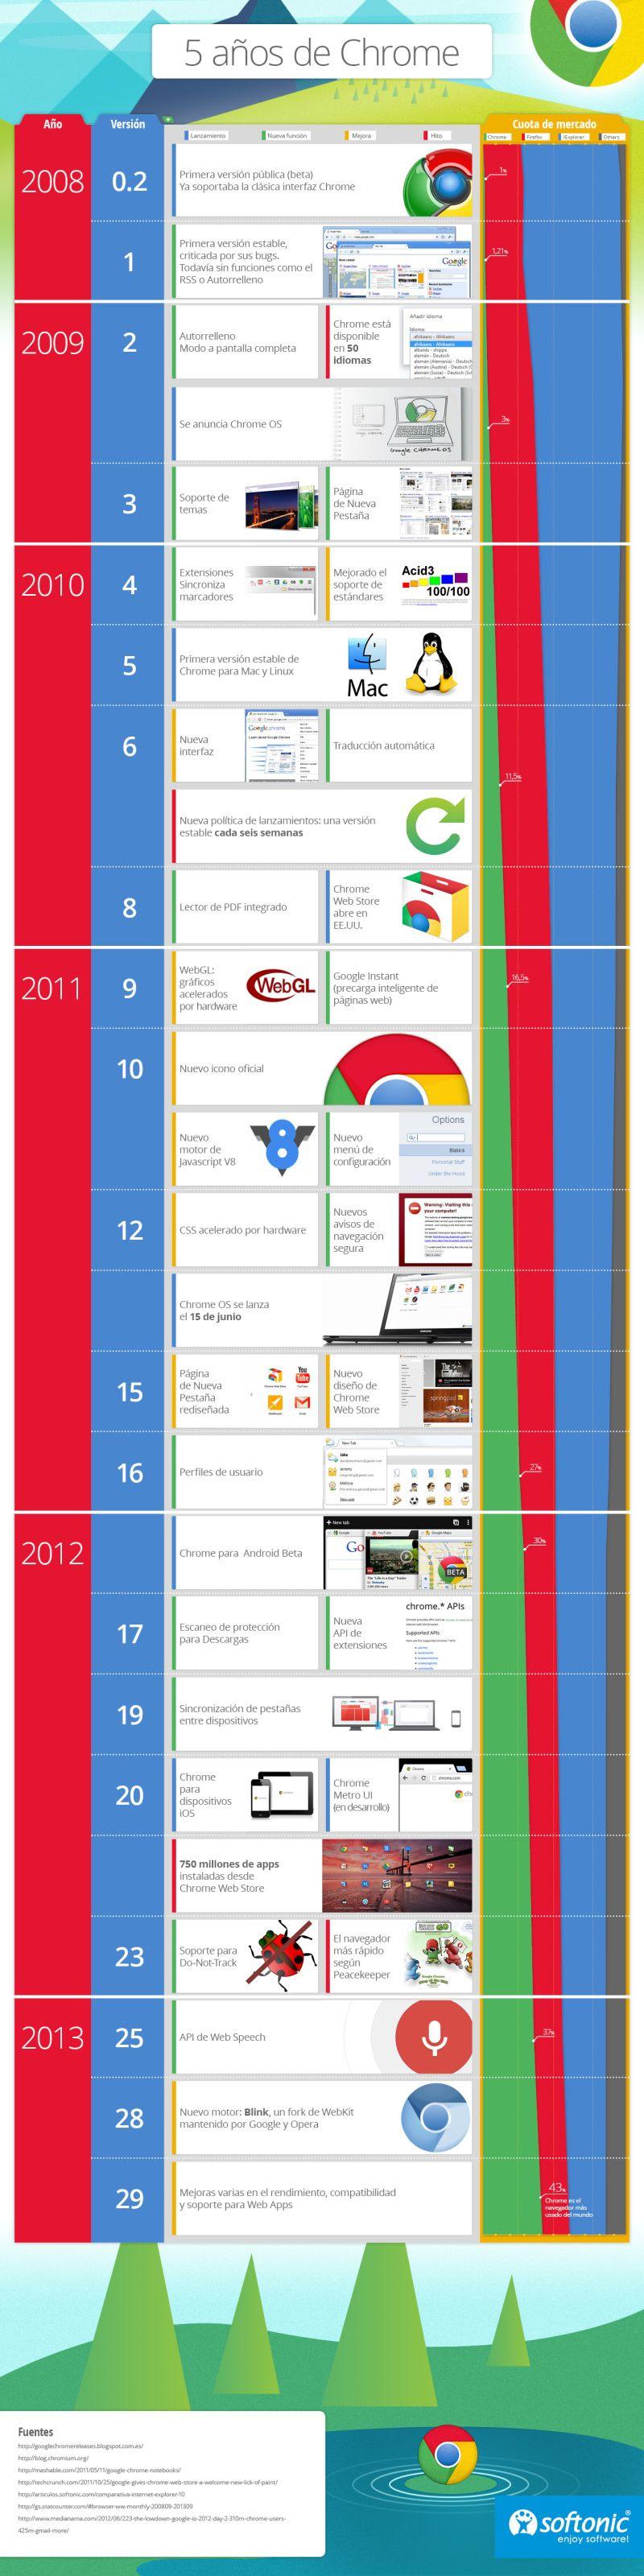 Los primeros 5 años de Chrome  2008-2013